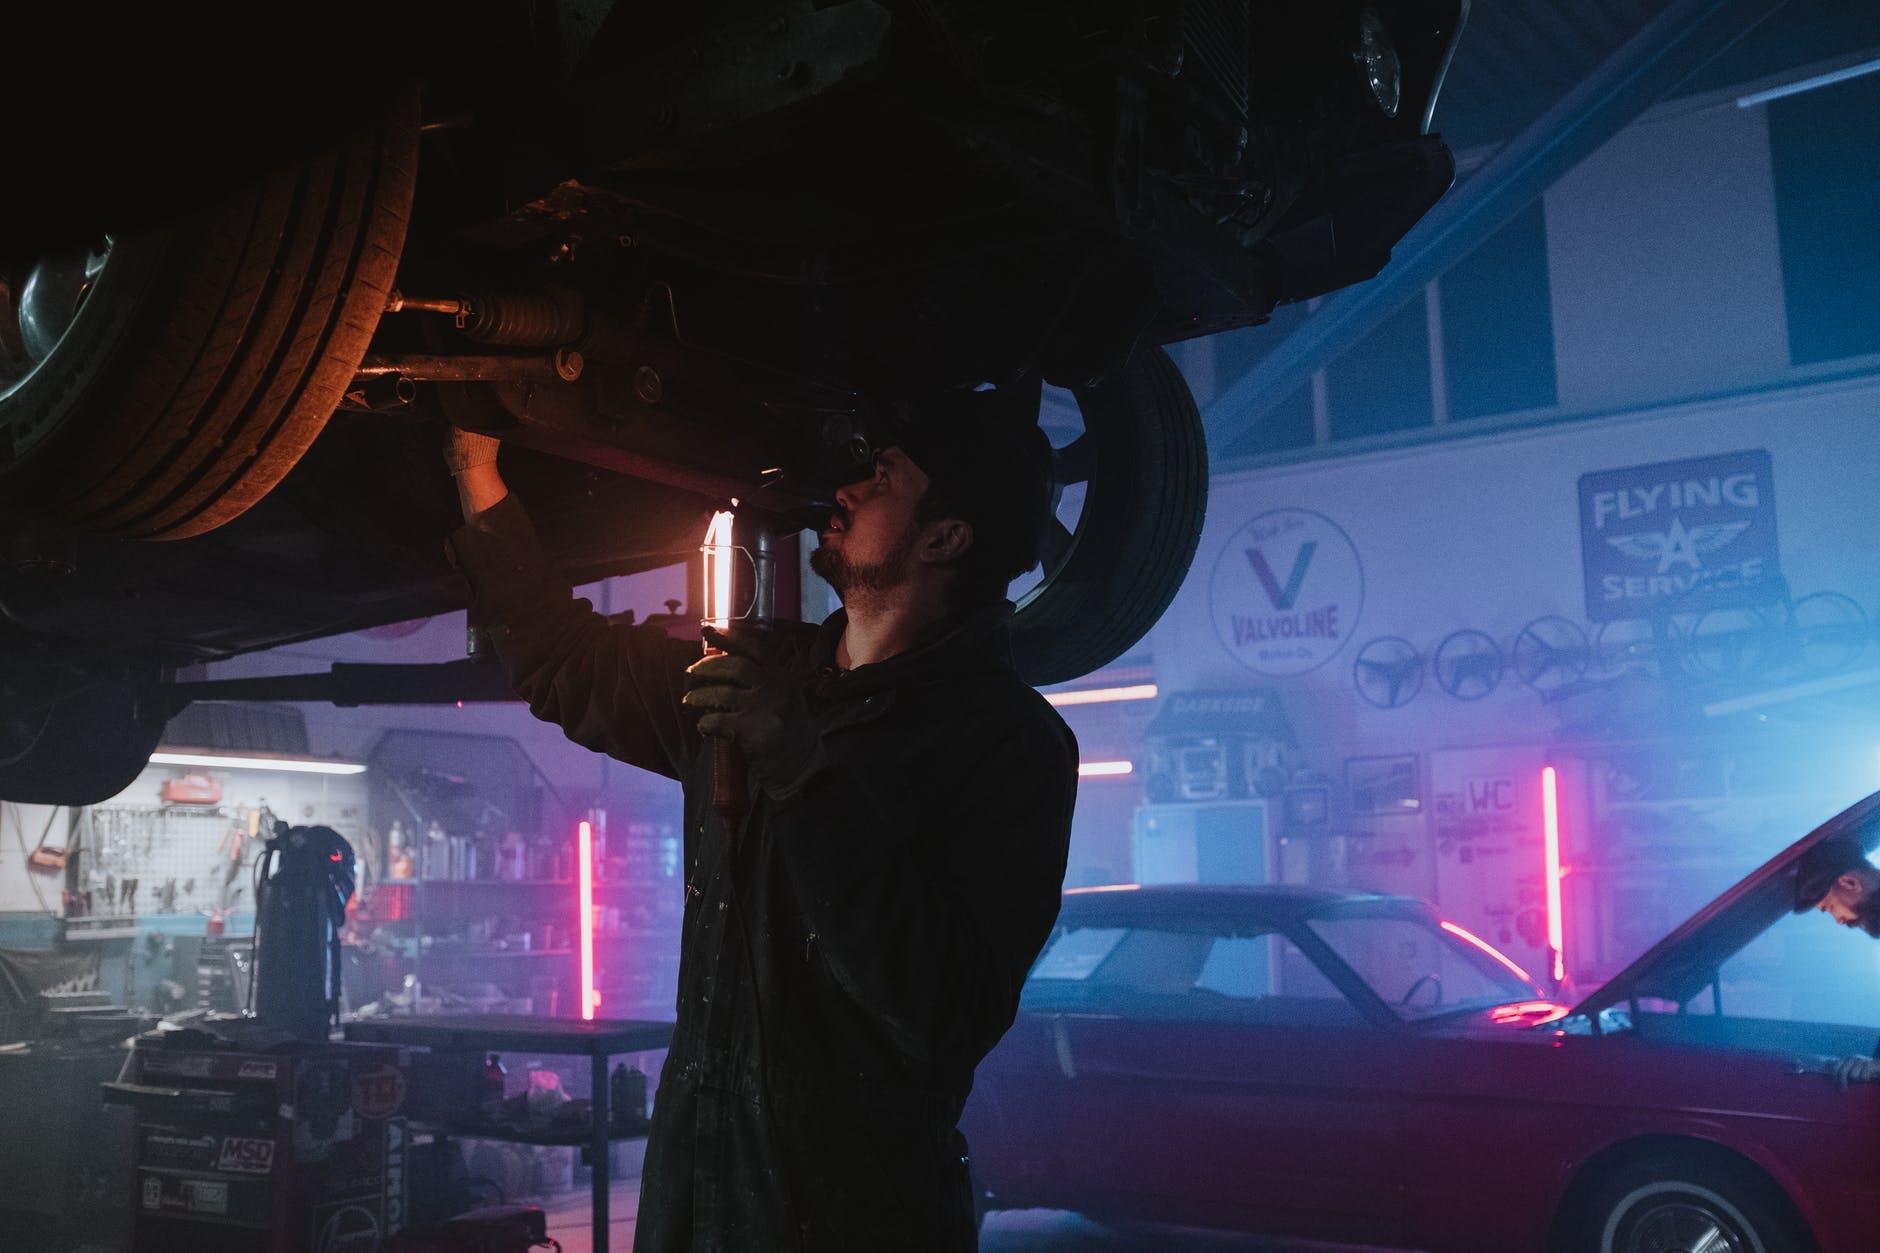 Photo of a mechanic repairing a car.